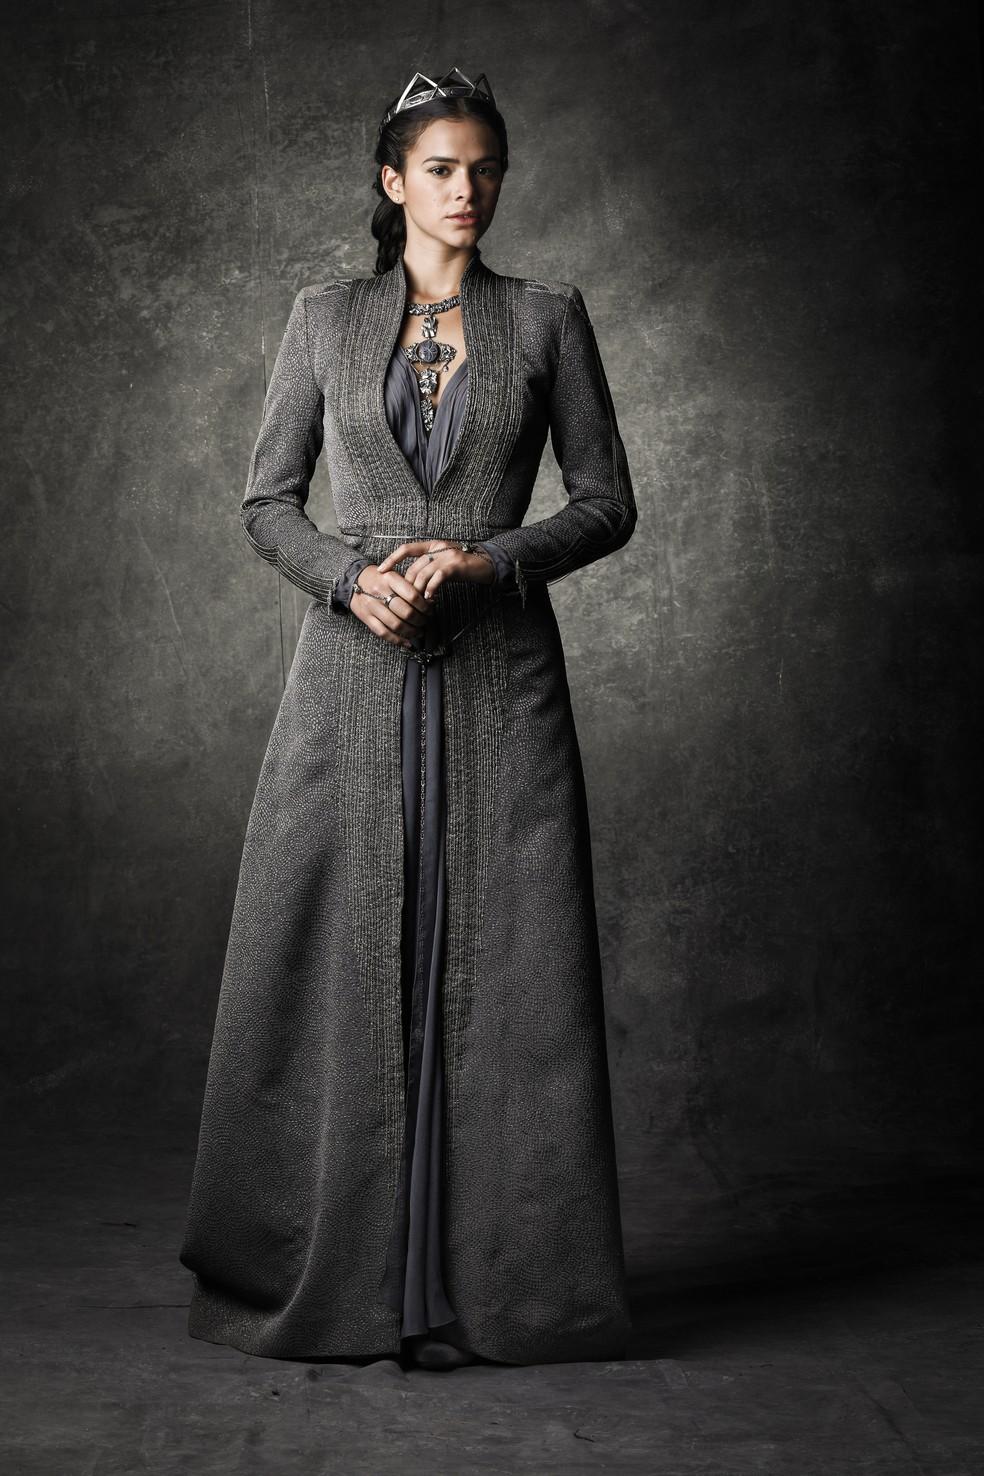 Bruna Marquezine será a princesa Catarina, herdeira do trono de Artena. Ela não medirá esforços para conquistar seus ambiciosos objetivos (Foto: Sergio Zalis/Globo)